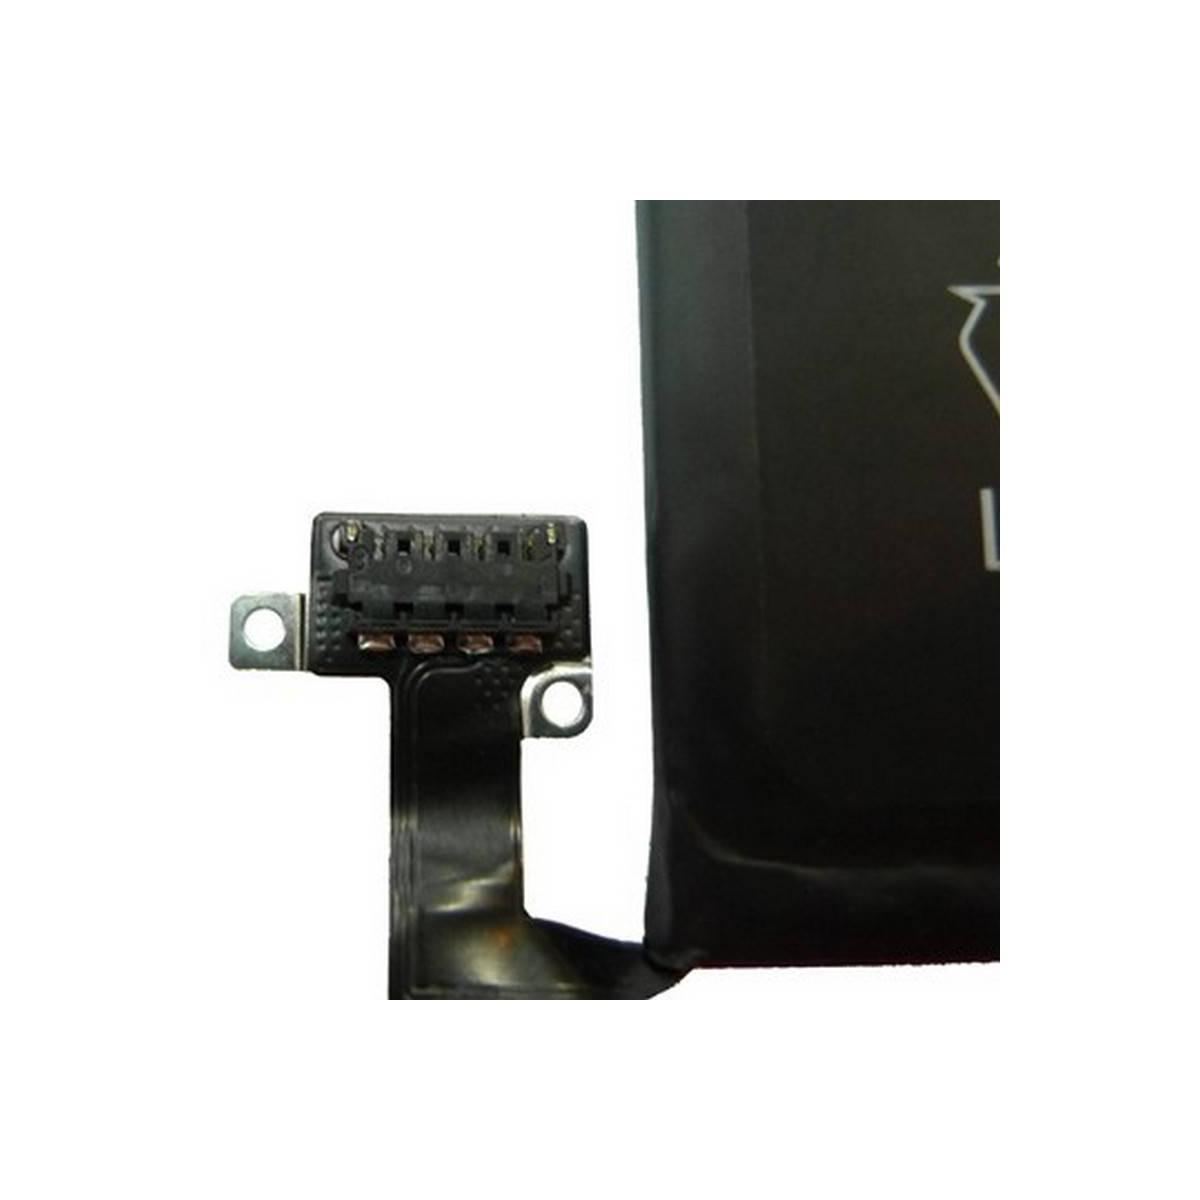 Batería iPhone 4S ORIGINAL